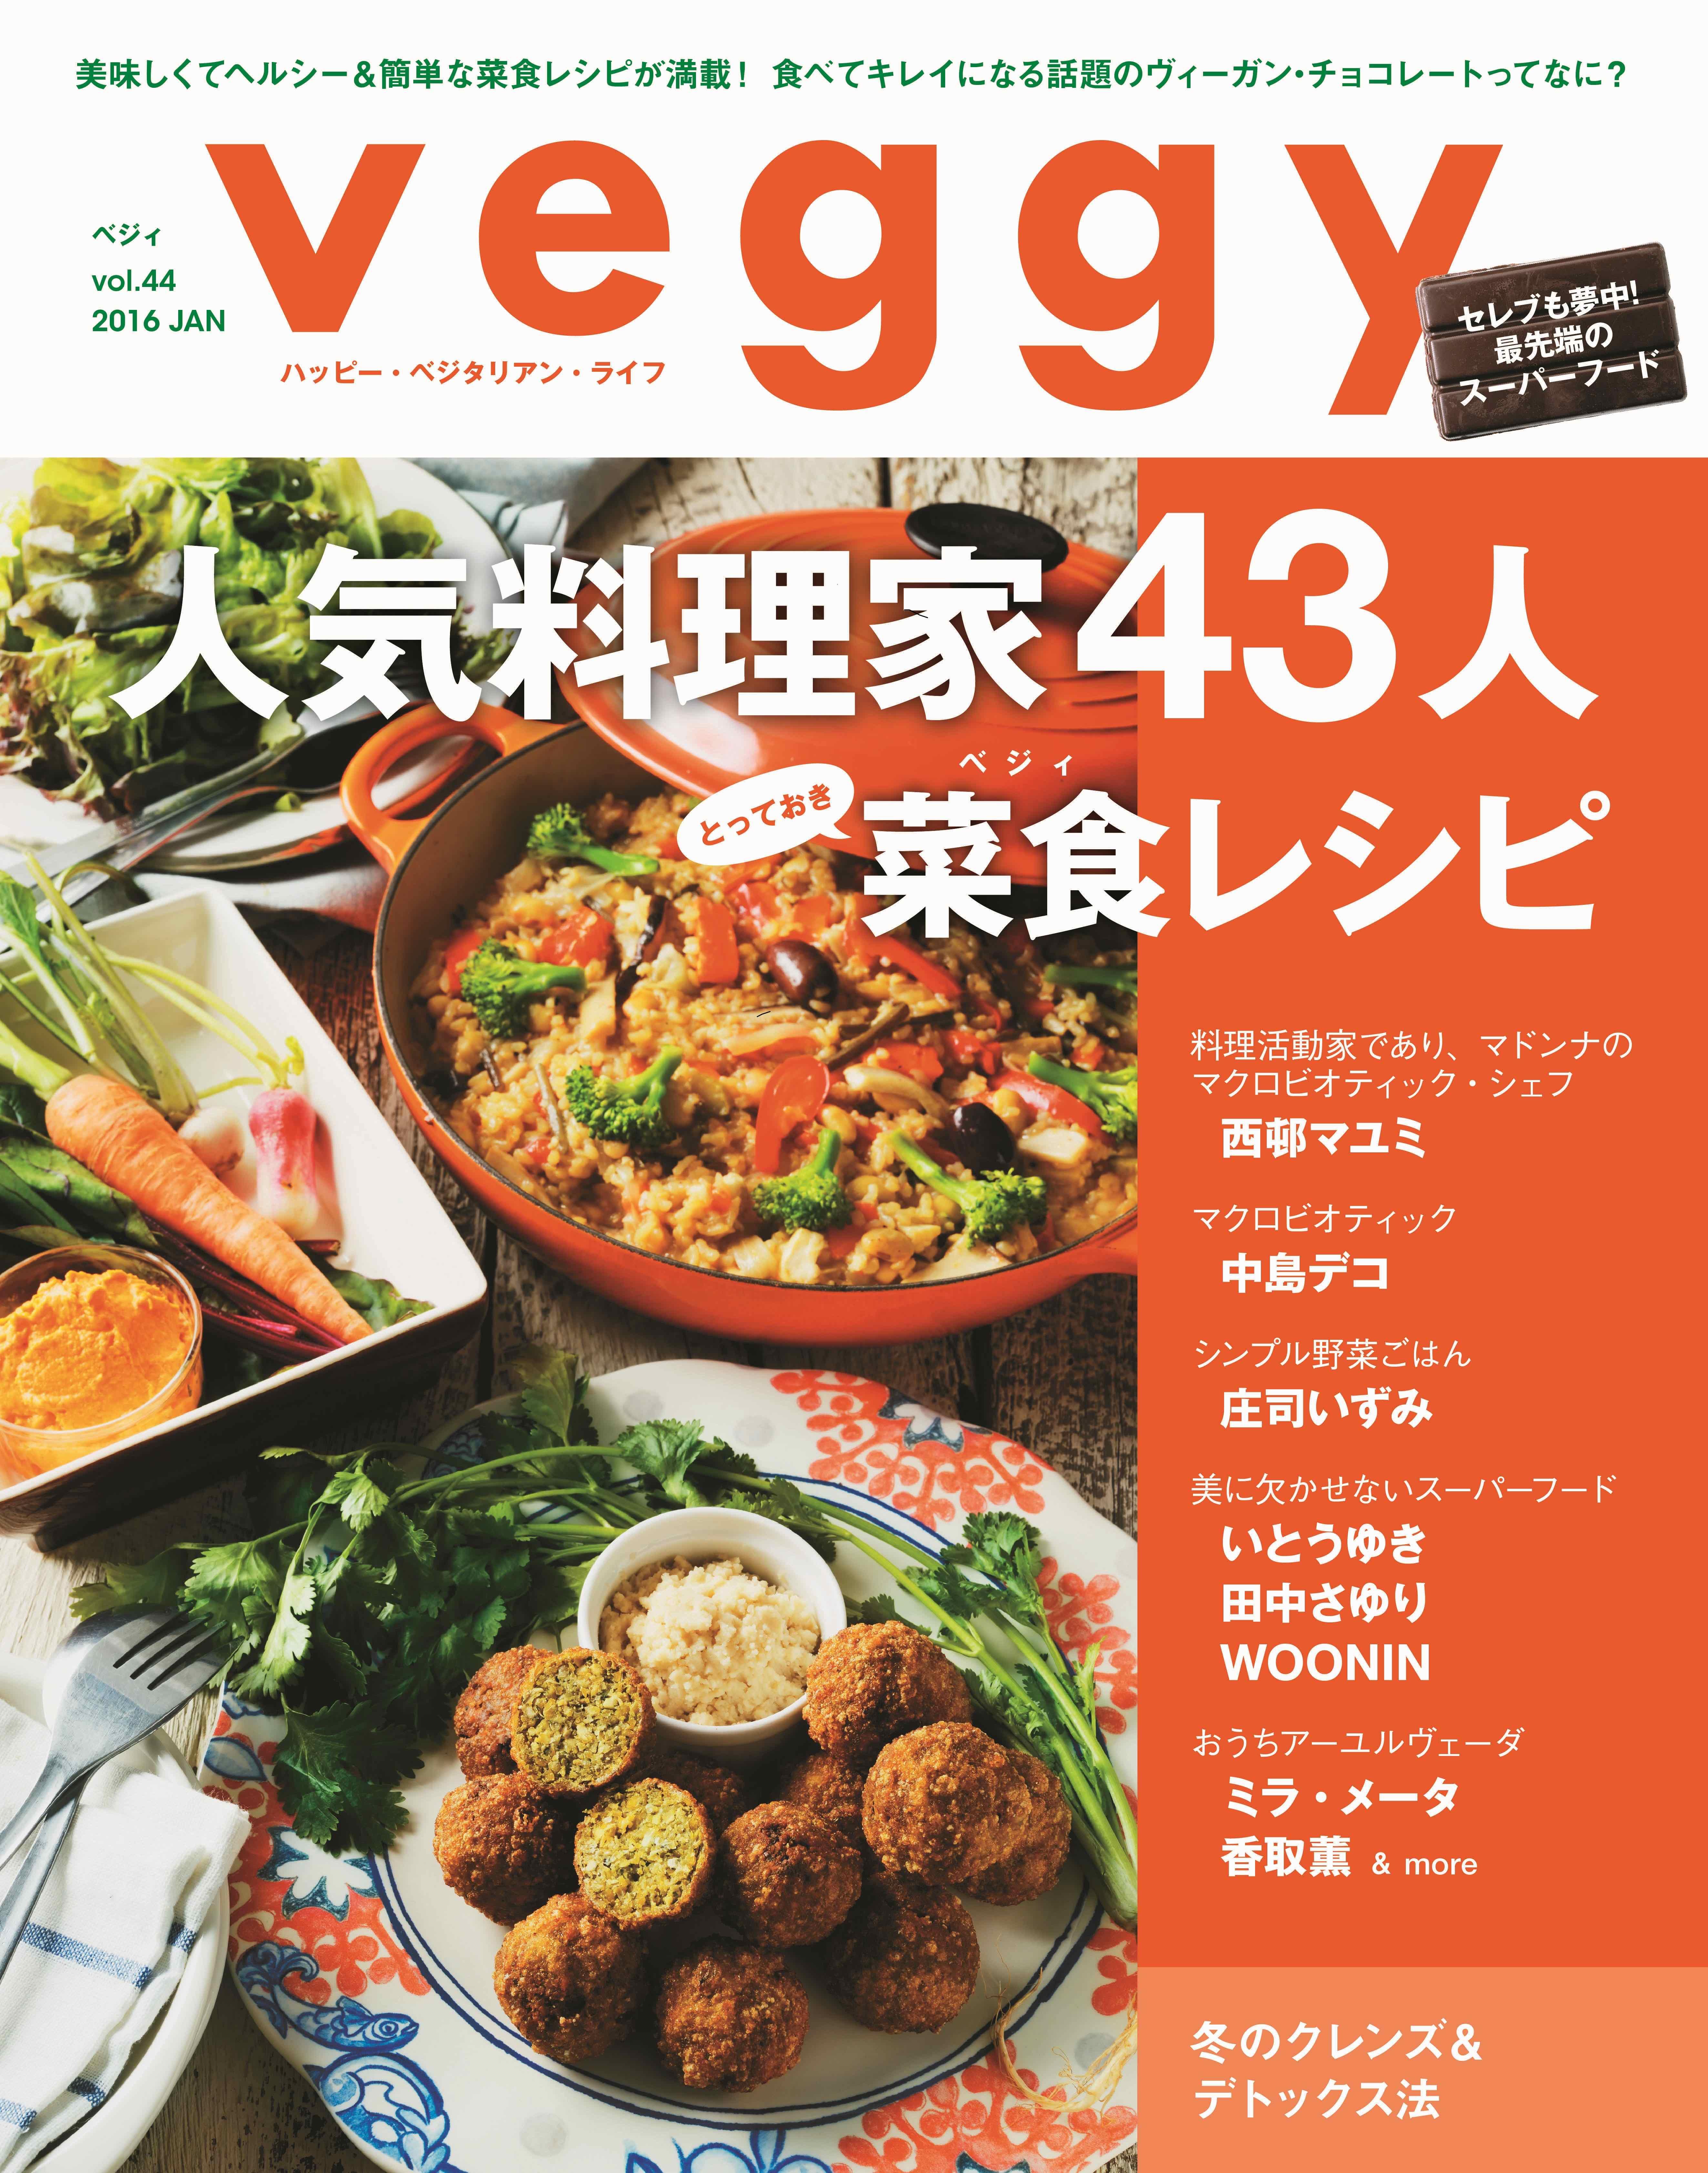 v44_veggy_s.jpg